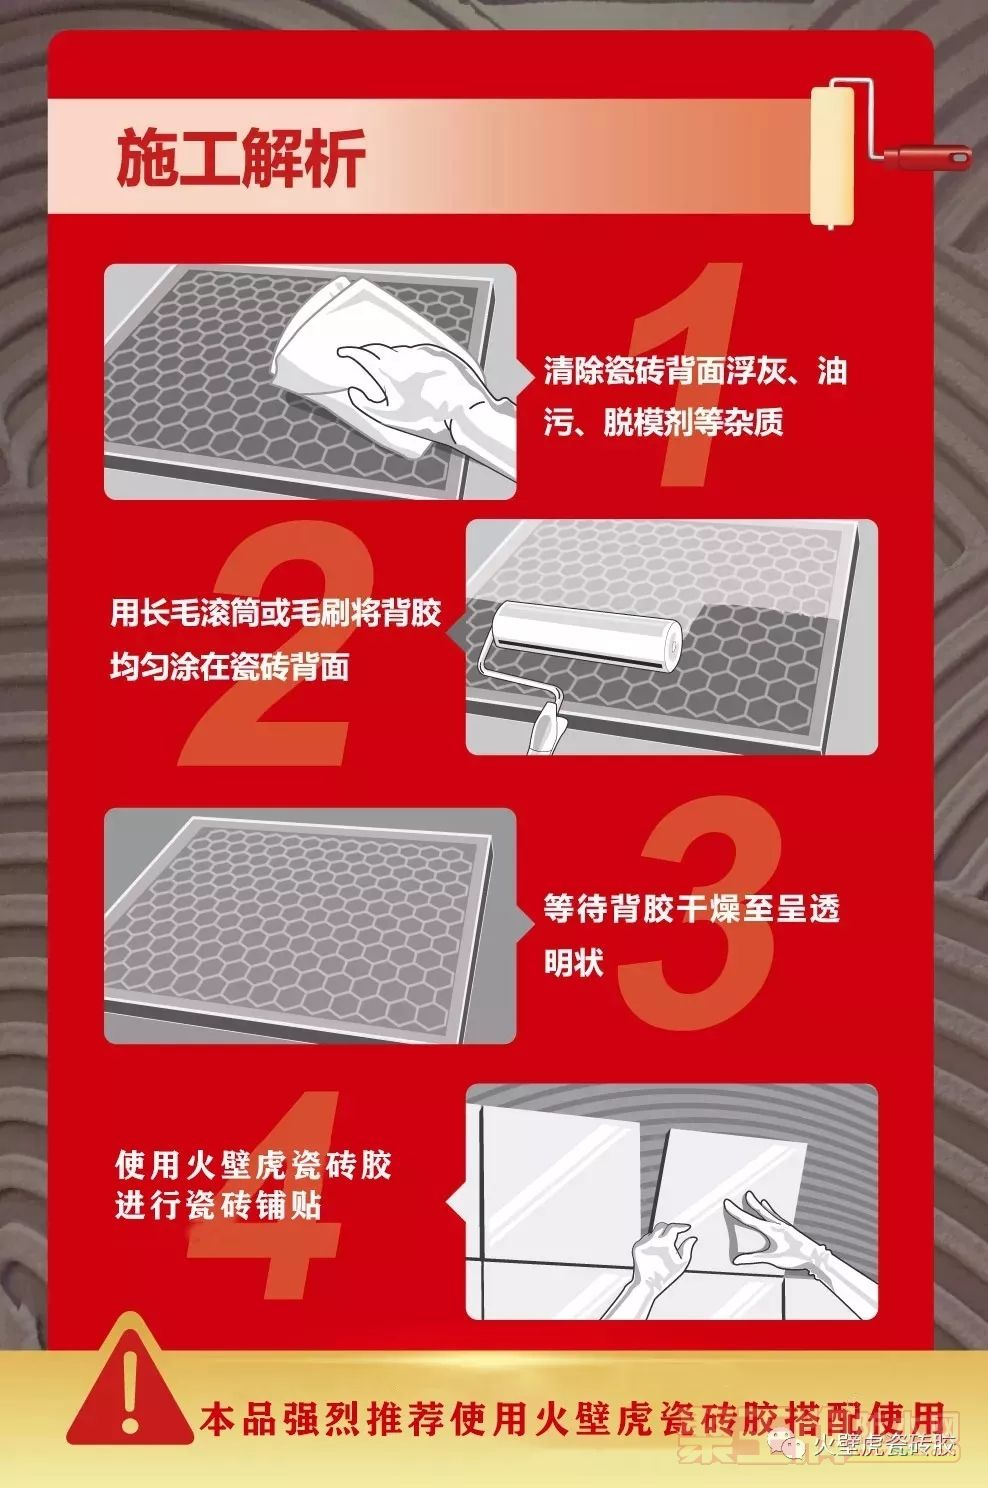 火壁虎瓷砖背胶新品抢先知 | 低吸水率玻化砖专用背胶全新上市640.webp (1).jpg